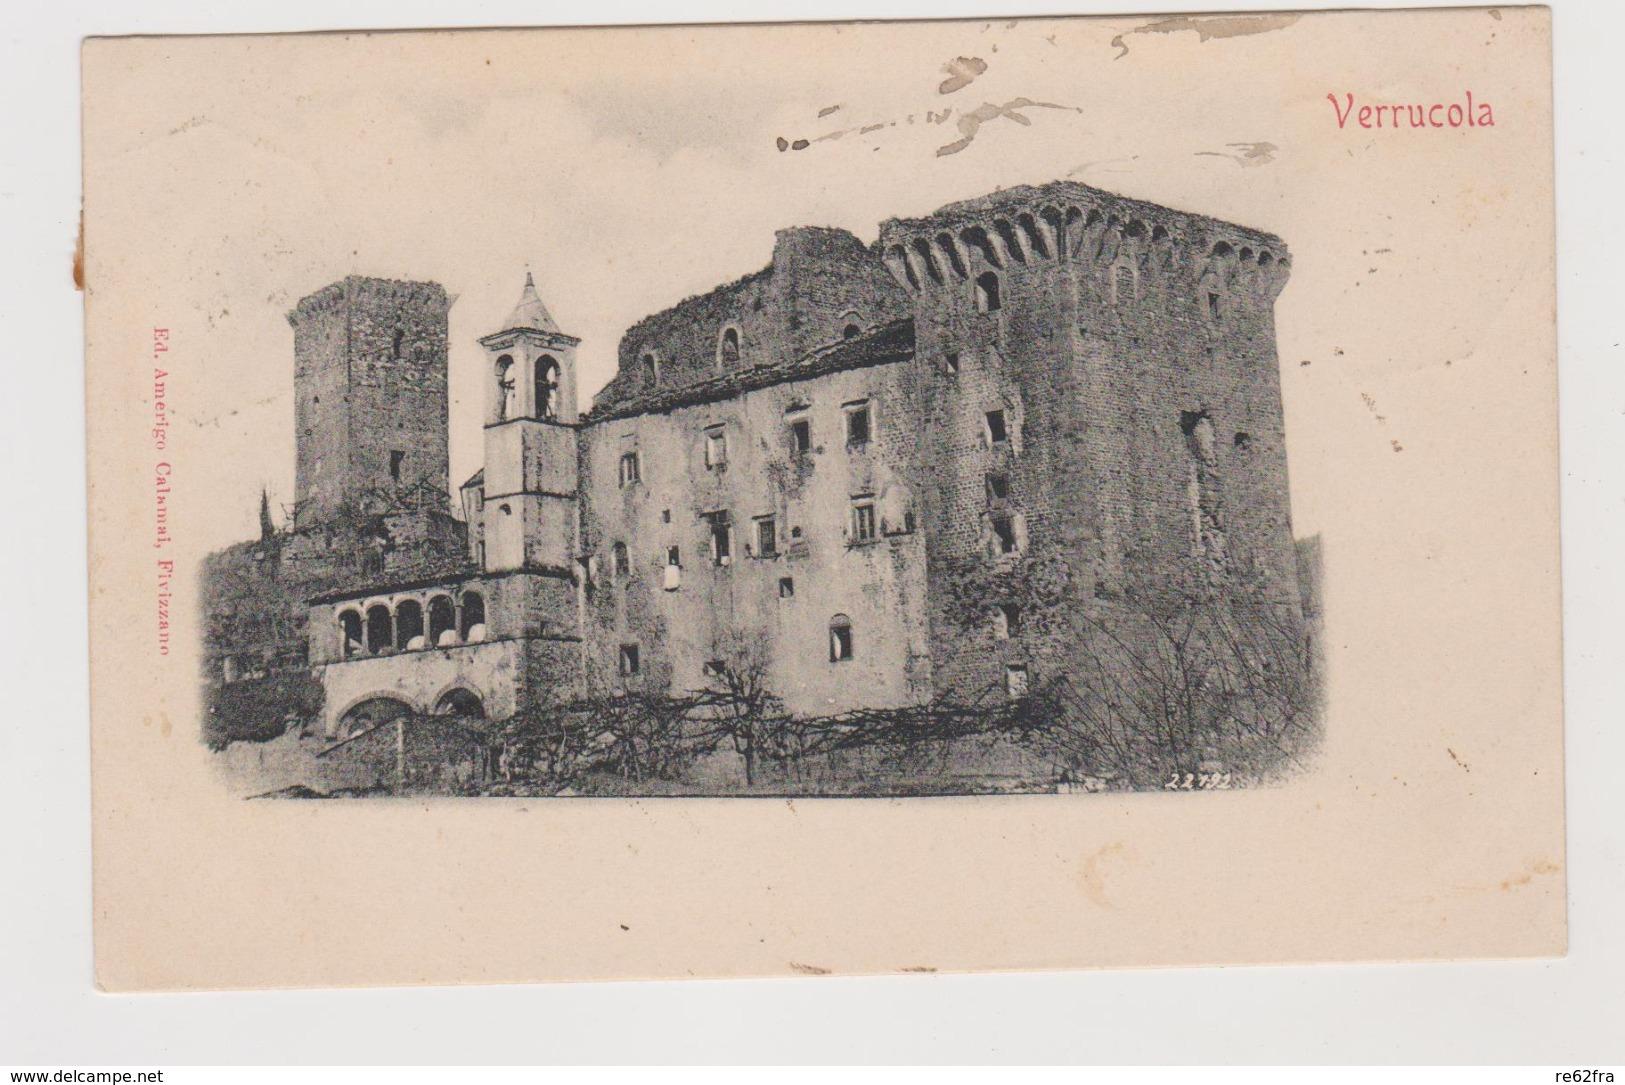 Verrucola (Fivizzano, MS) - F.p.- Fine '1800 - Carrara